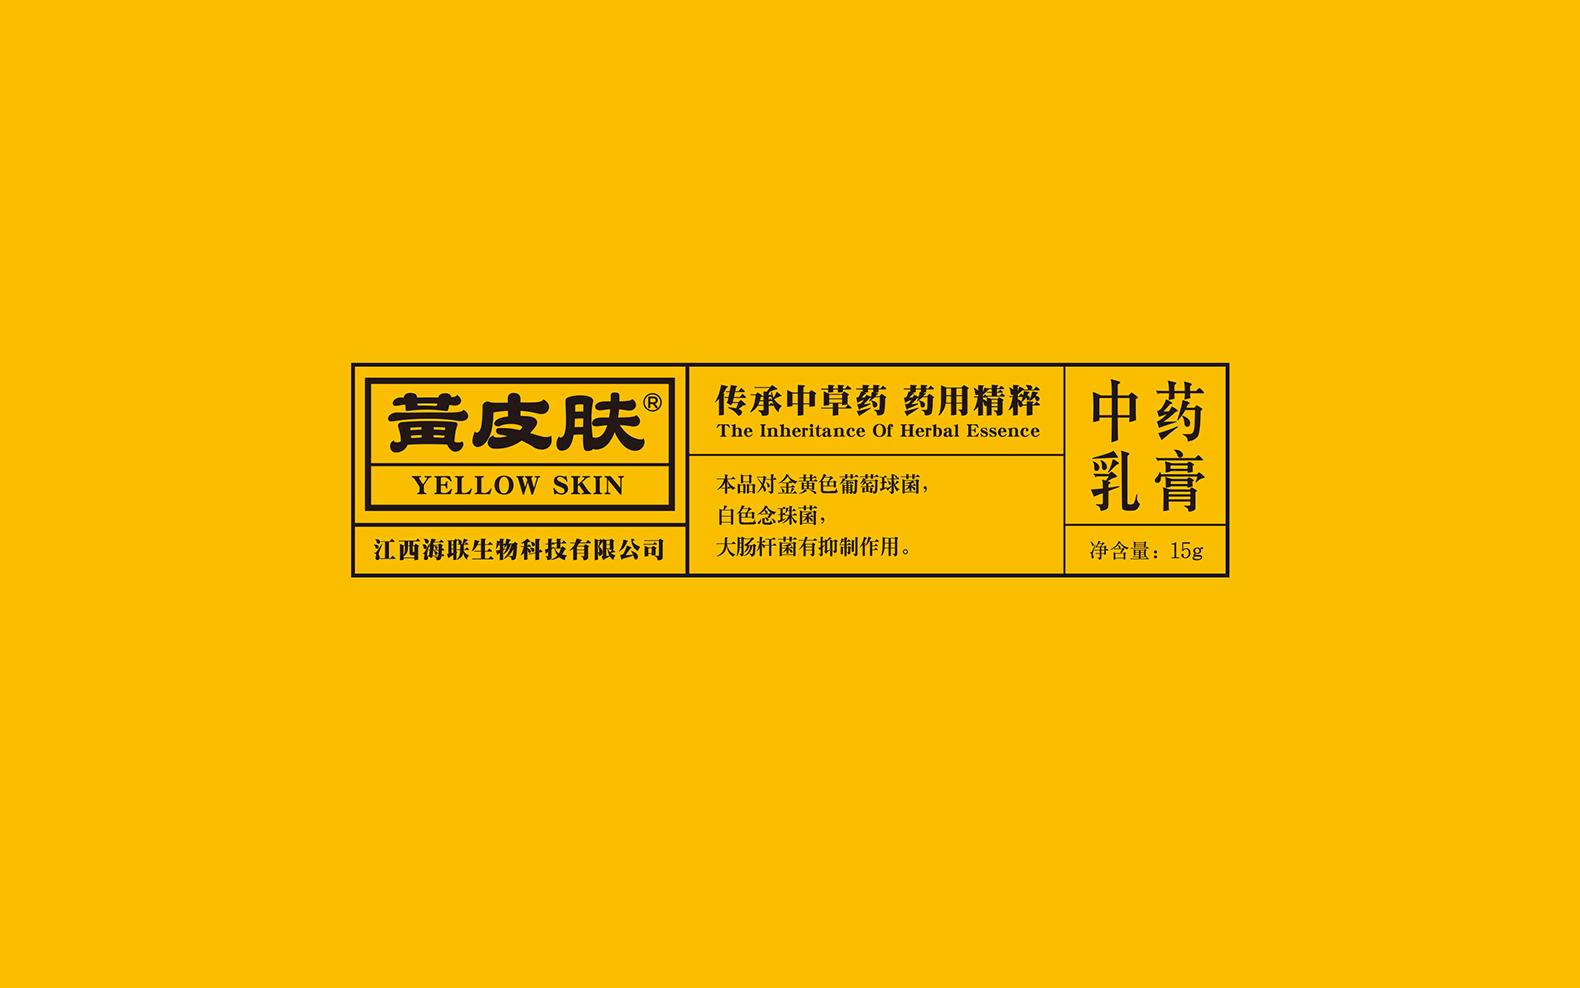 ontata_yellow skin_05